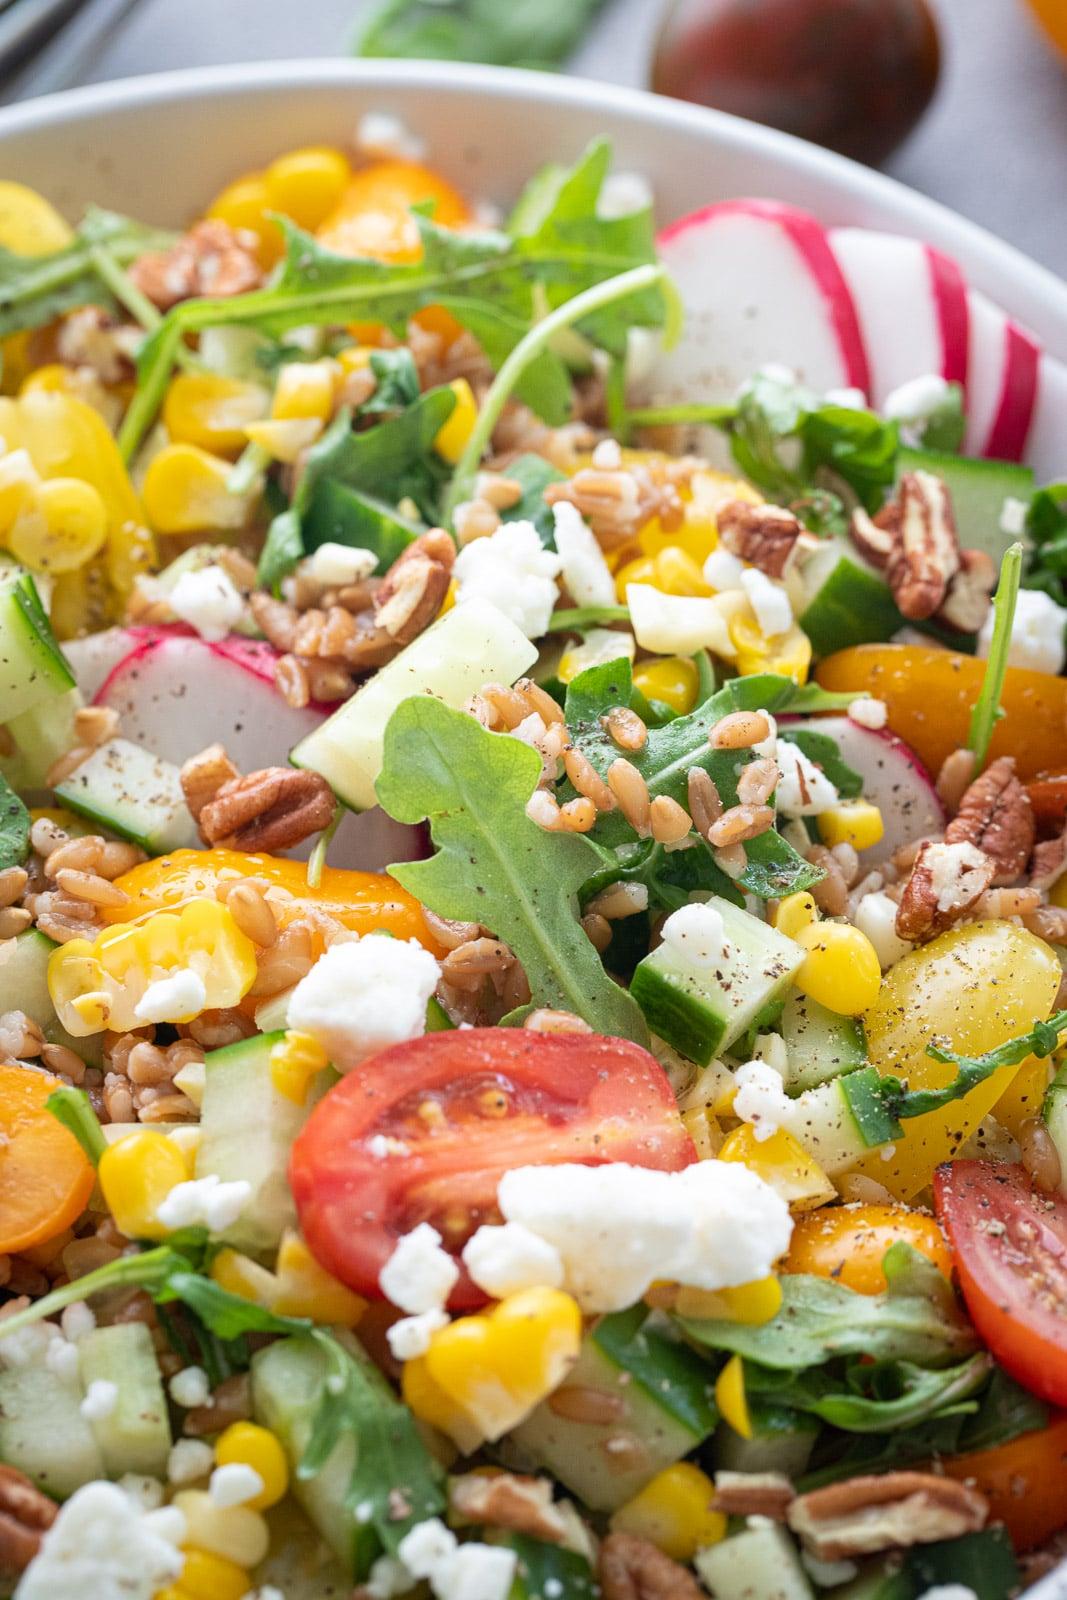 Emmer Salad with vegetables.